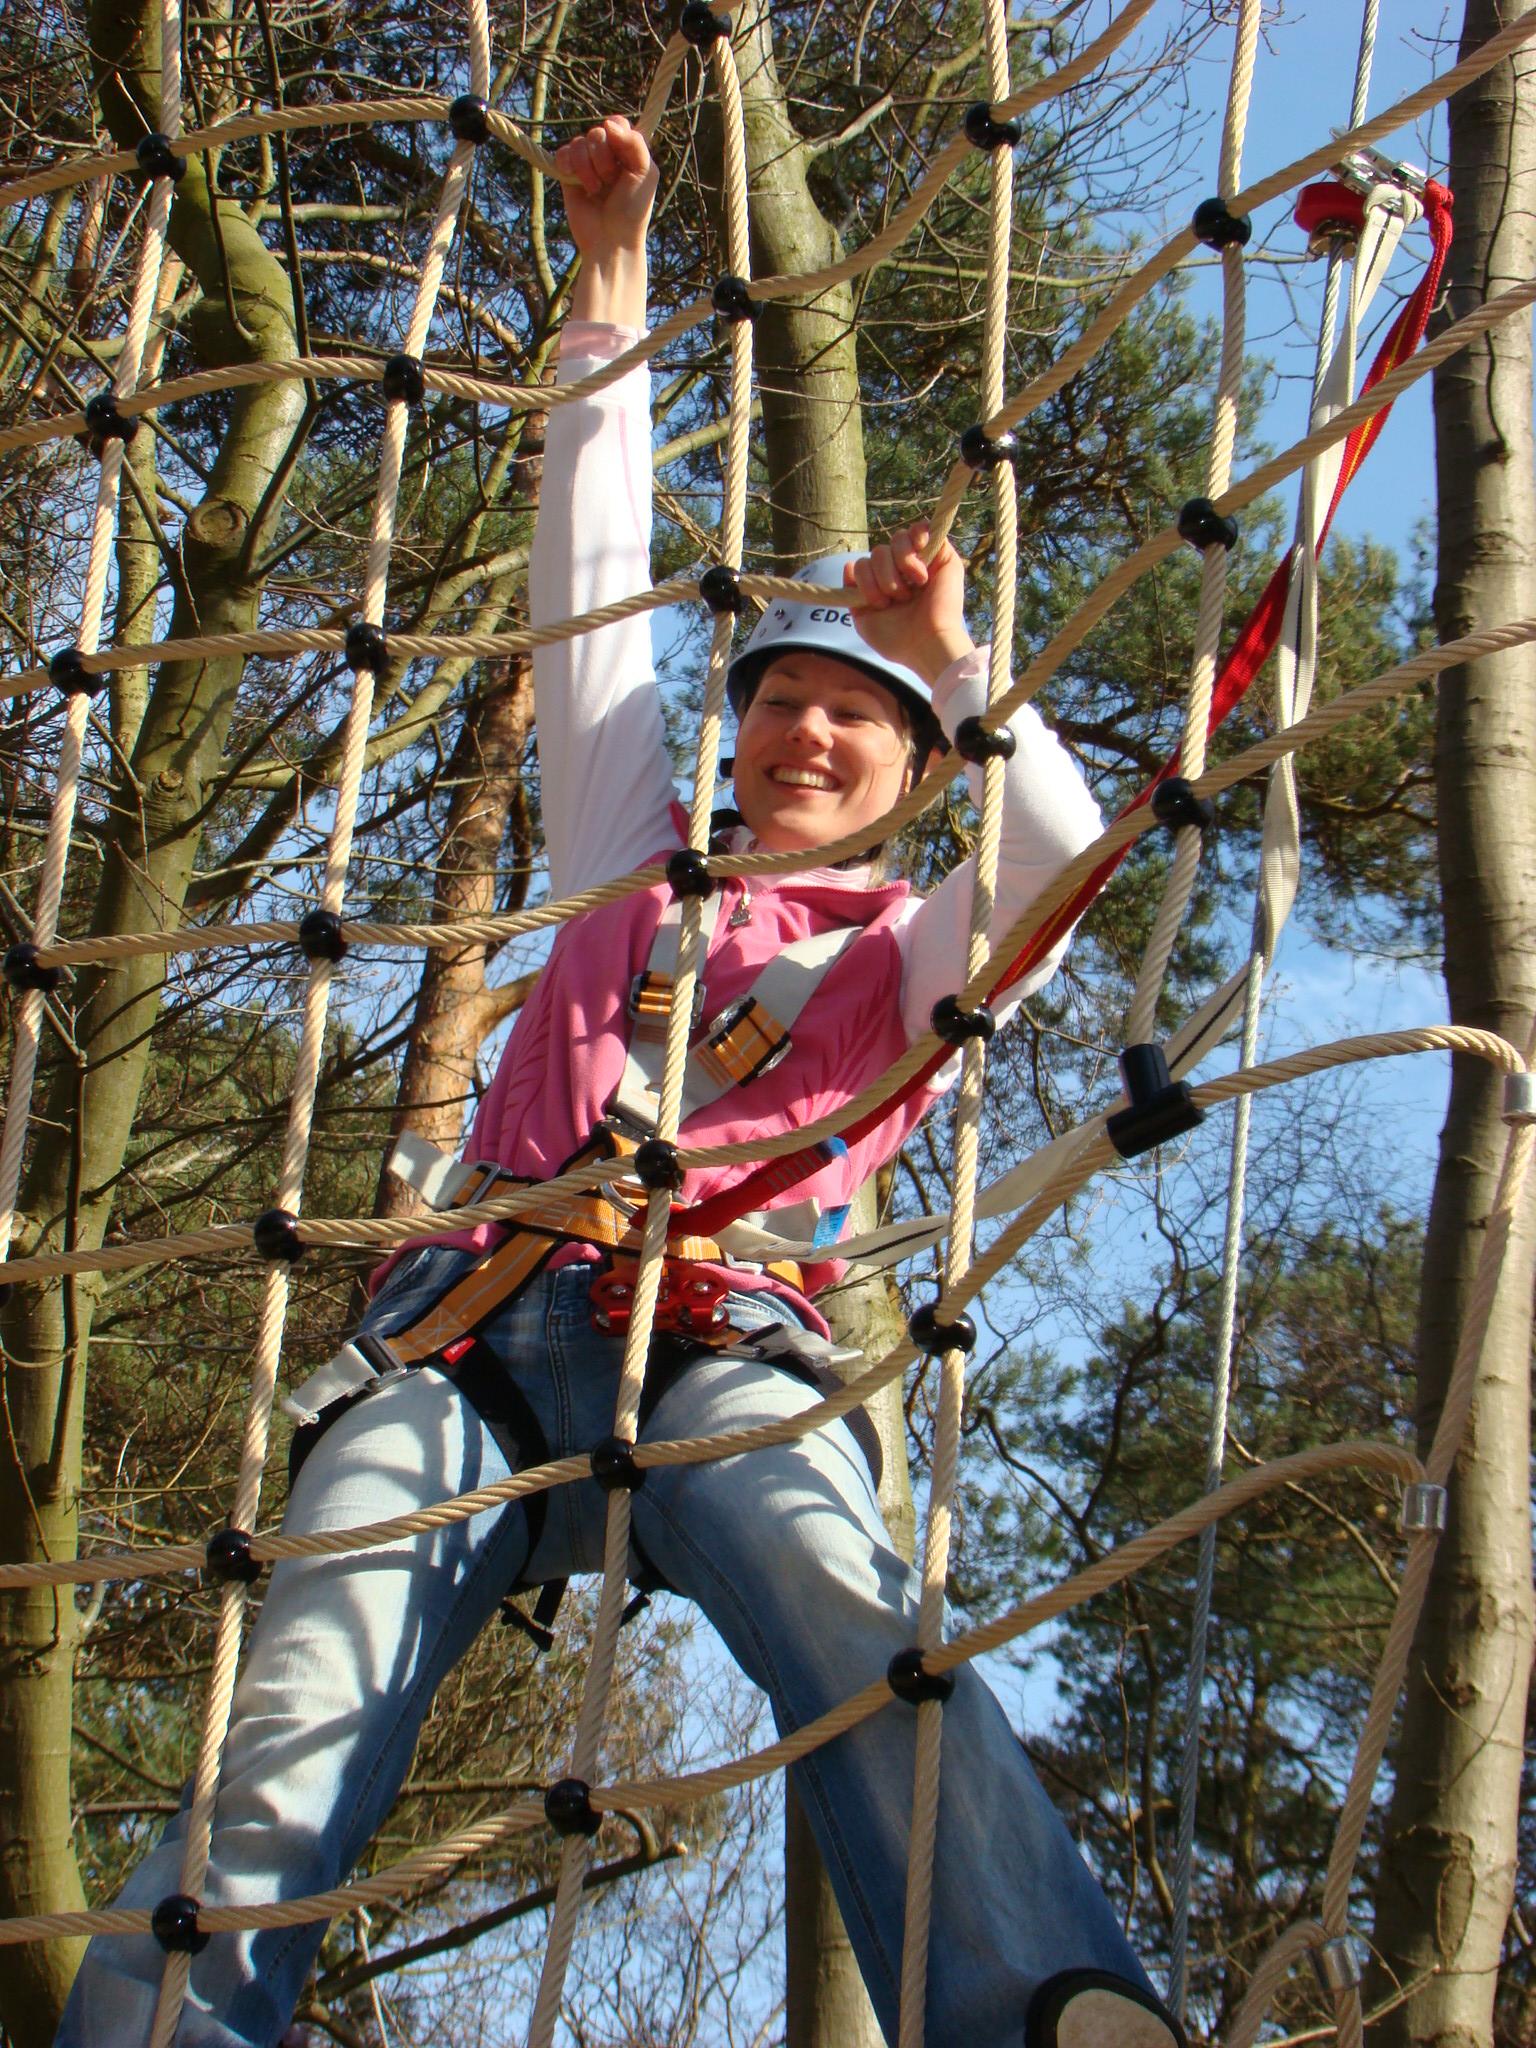 junge Frau im Kletternetz im Kletterwald BinzPora